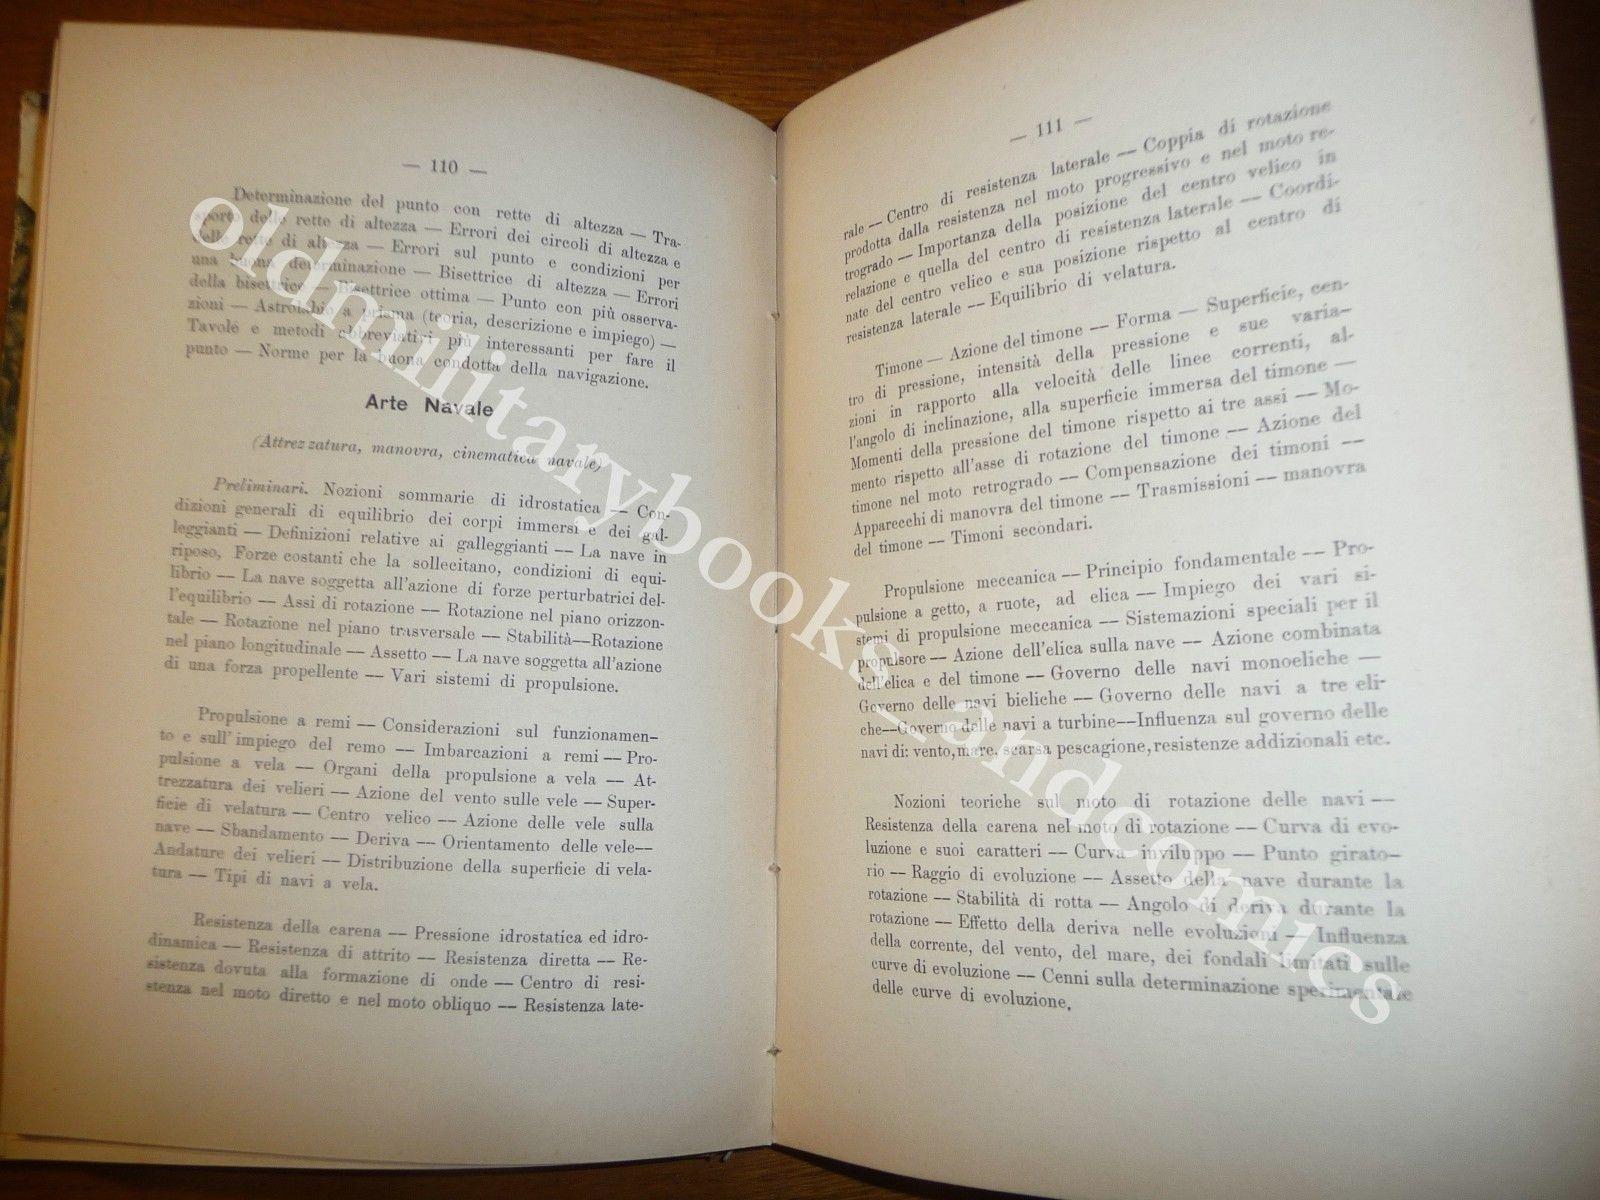 ANNUARIO DEL R. ISTITUTO SUPERIORE NAVALE NAPOLI ANNO ACCADEMICO 1926-27